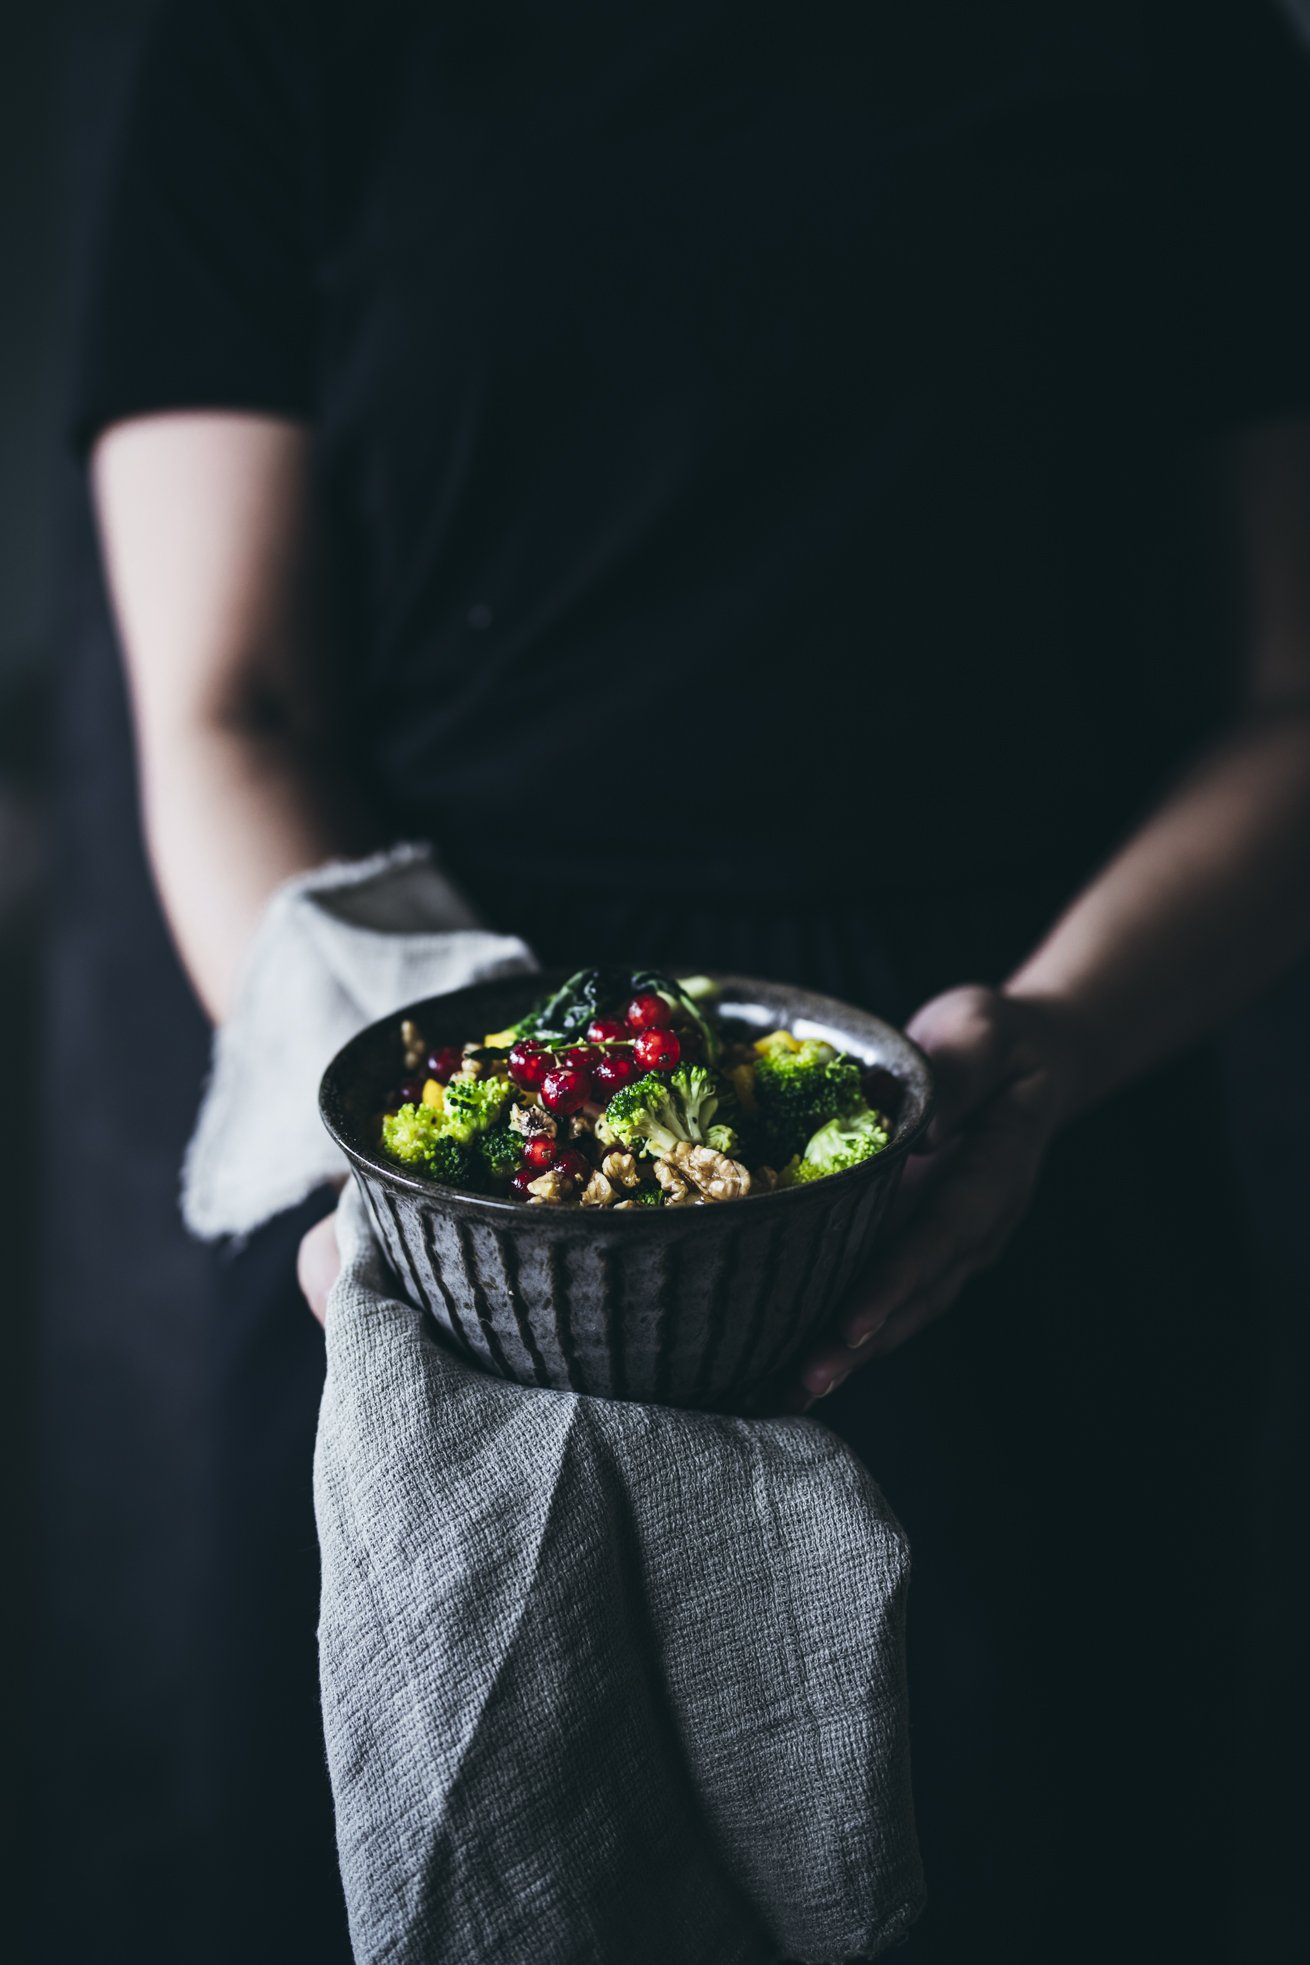 Toller Brokkoli Salat mit Walnüssen und Johannisbeeren